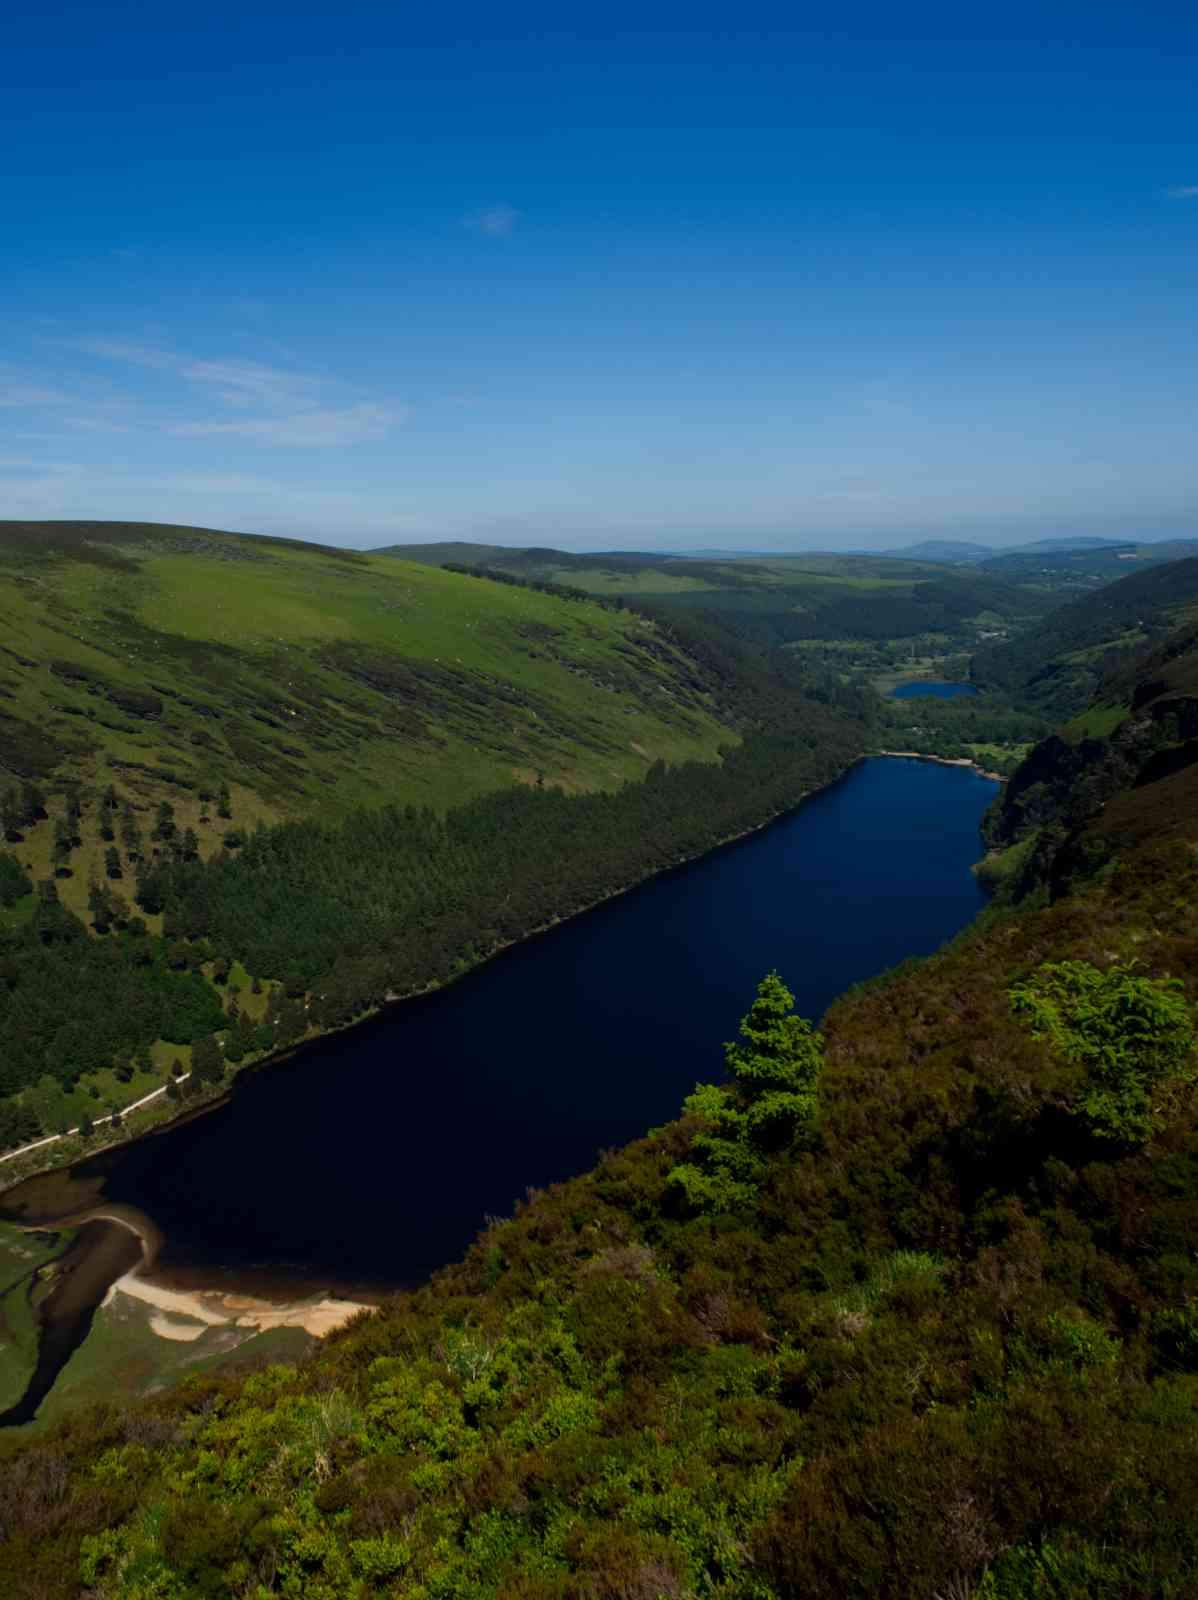 Irland - Lake-Tour